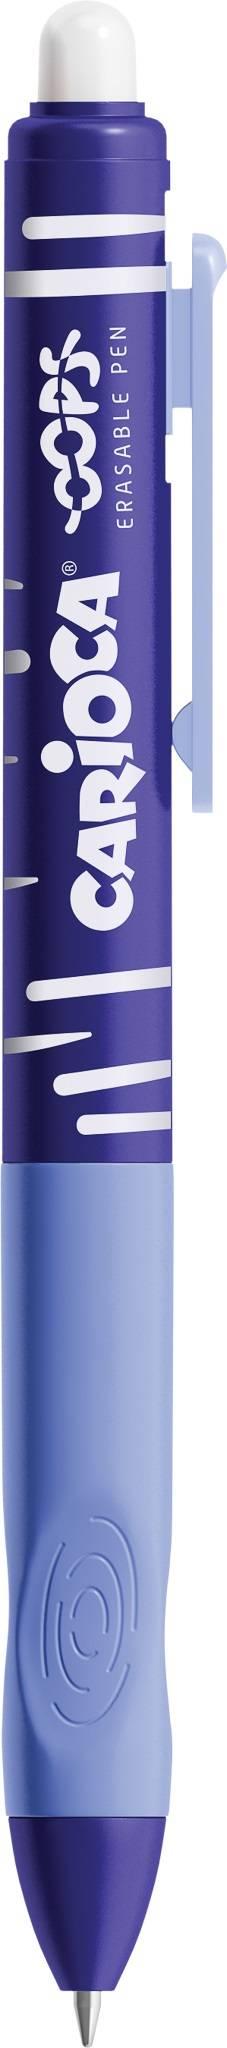 Ручка автоматическая со стираемыми чернилами CARIOCA OOPS RETRACTABLE 0,70 мм цвет синий резиновый грип круглый корпус «пиши-стирай»